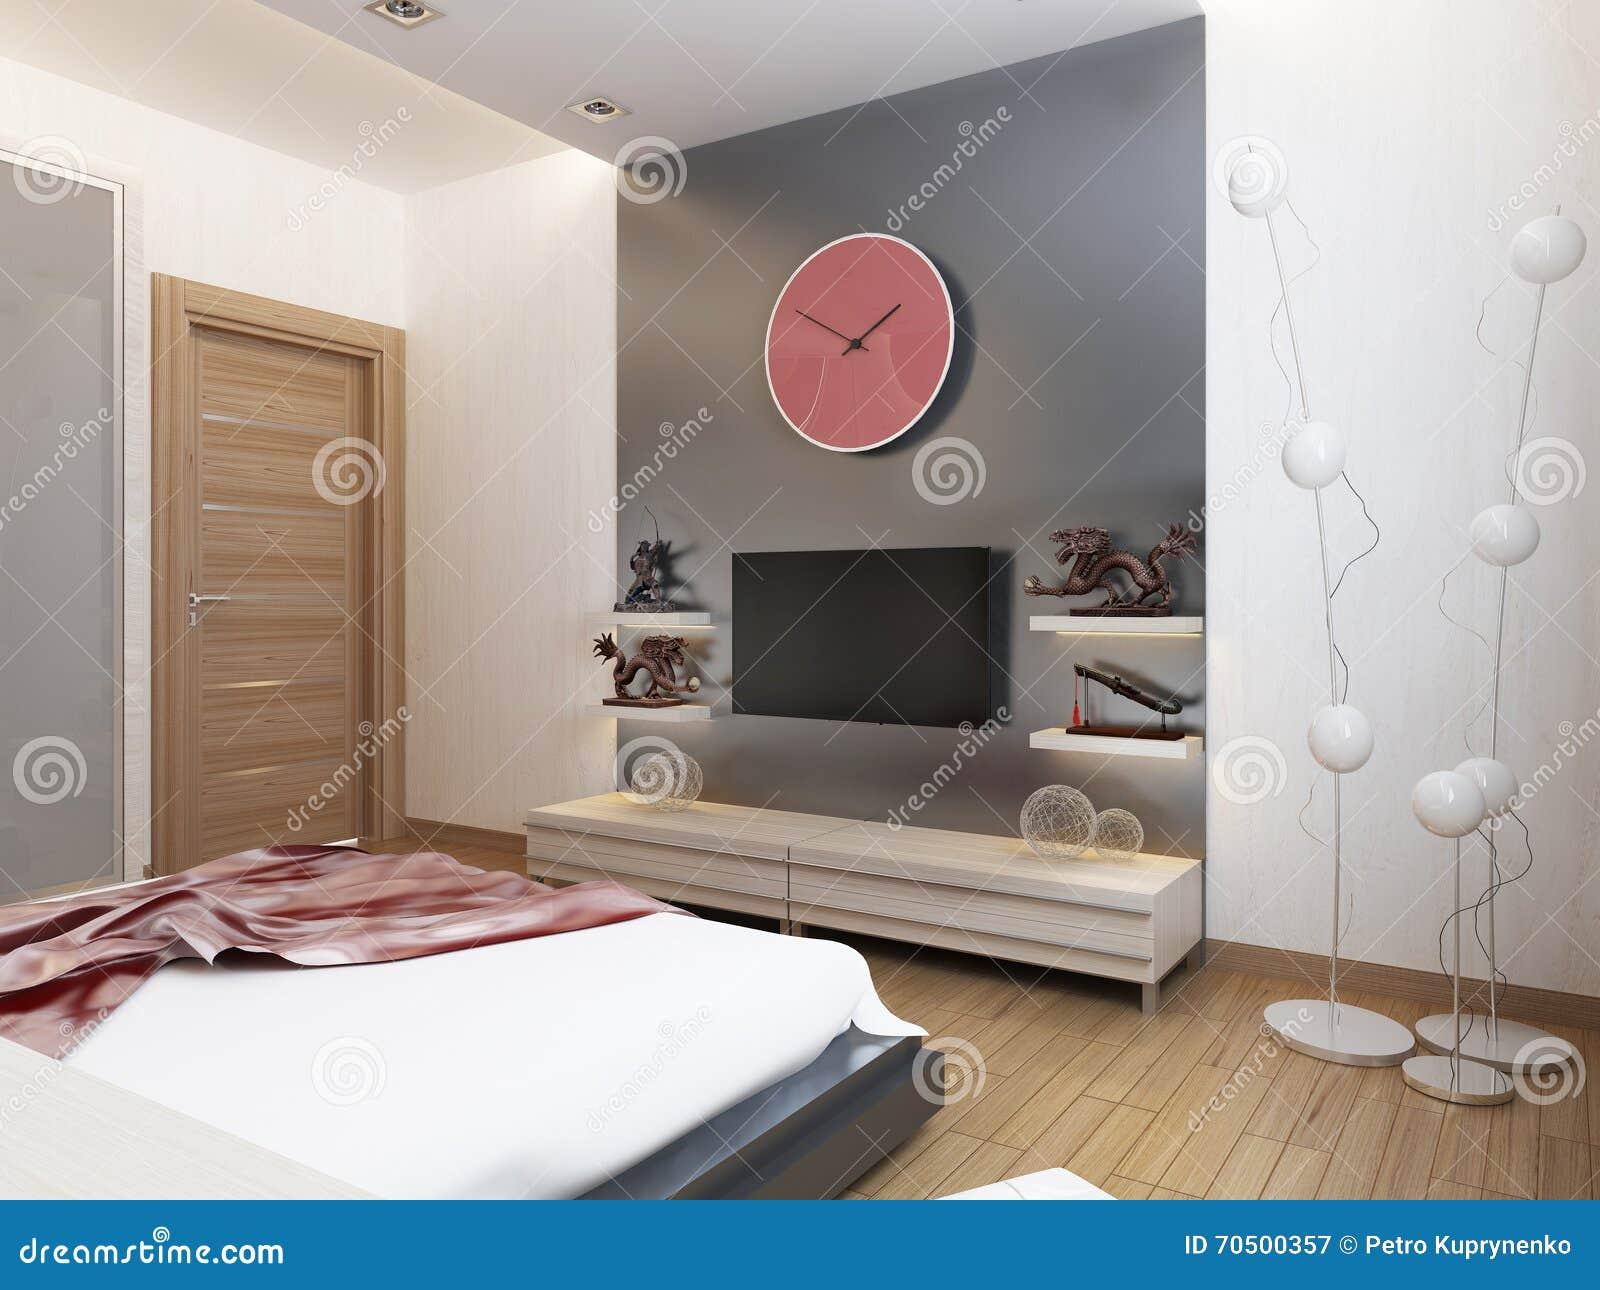 Mensole stanza da letto: sepsion verticale inclinabile singolo ...